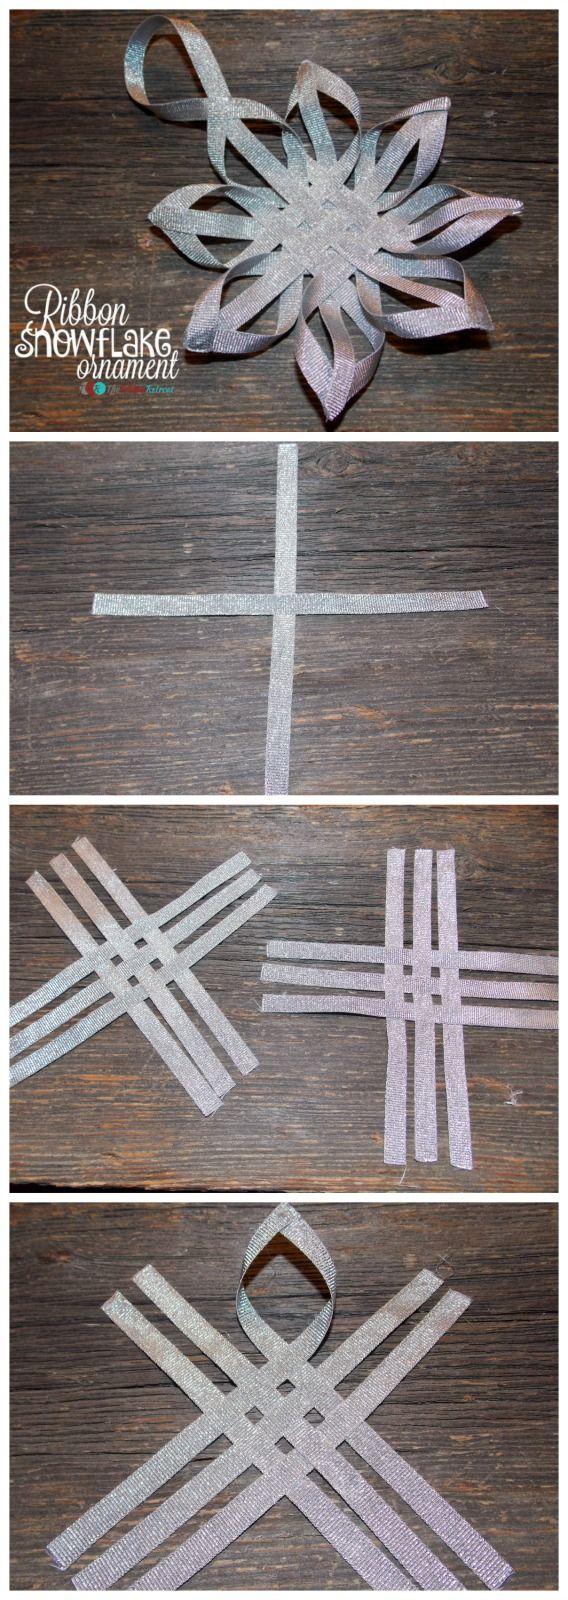 Ribbon Snowflake Ornament - The Ribbon Retreat Blog...also a cute idea for a snowflake hair clip.